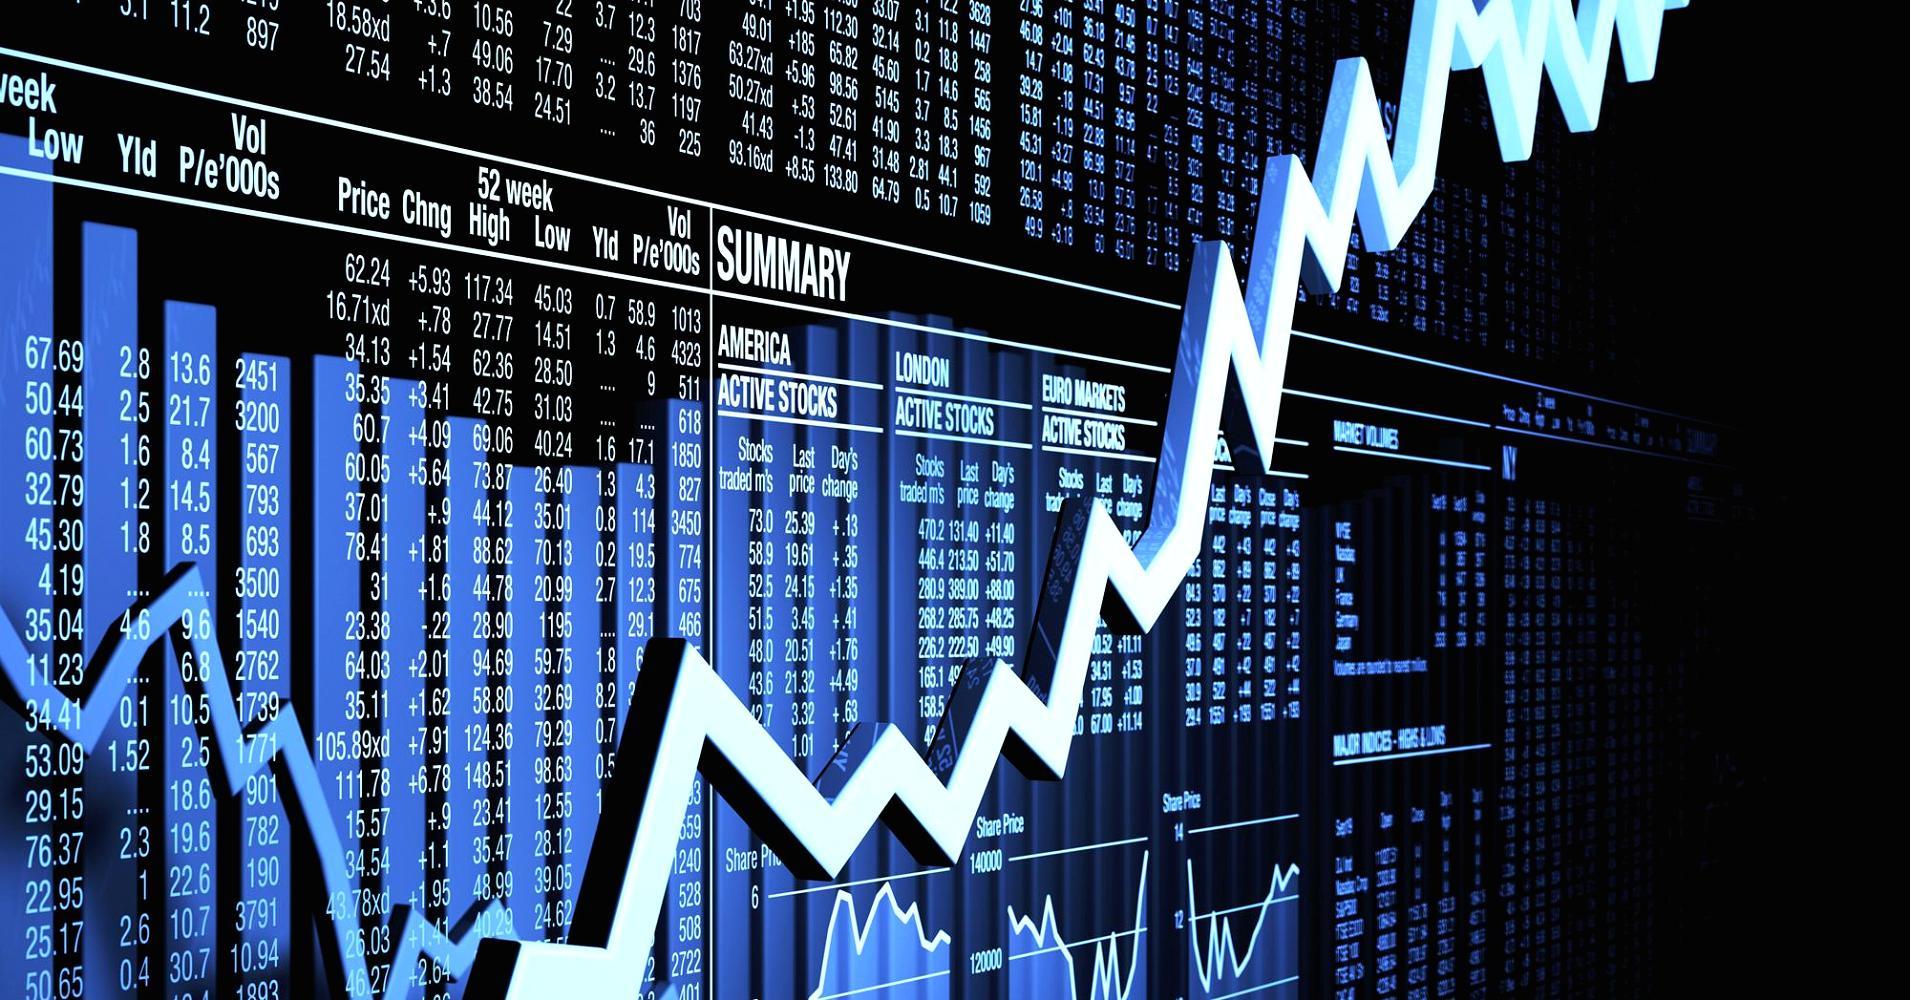 CryptoCompare отмечает что значительную часть рынка занимают биржи с низким рейтингом